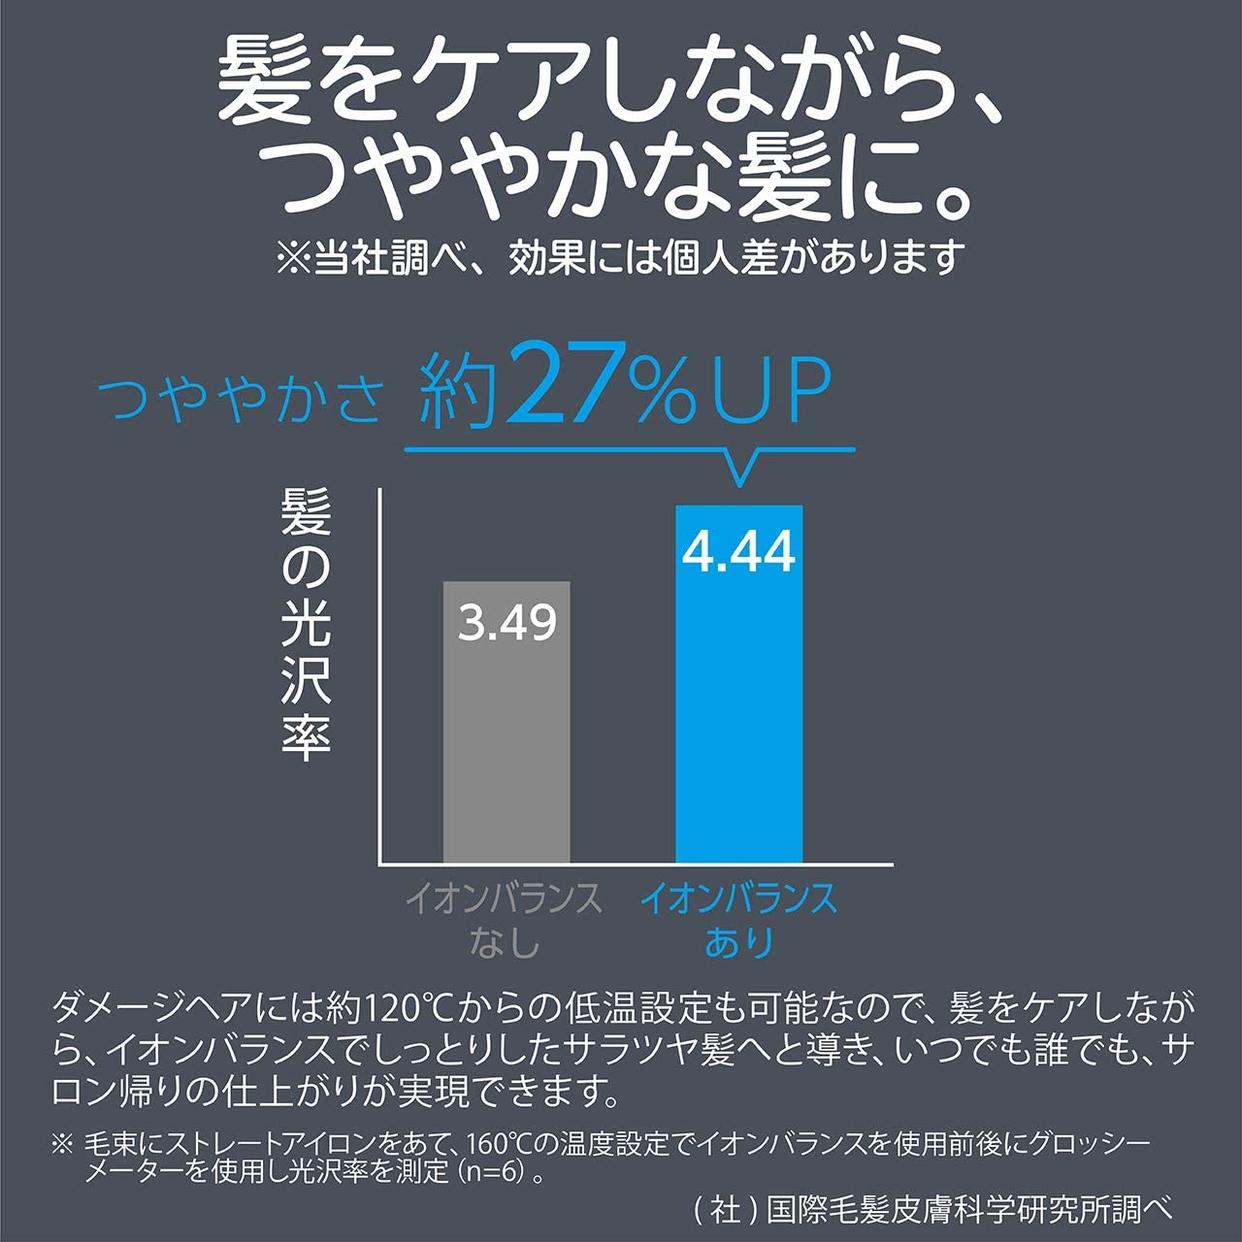 KOIZUMI(コイズミ) イオンバランスストレートアイロン KHS-8900/Hの商品画像4